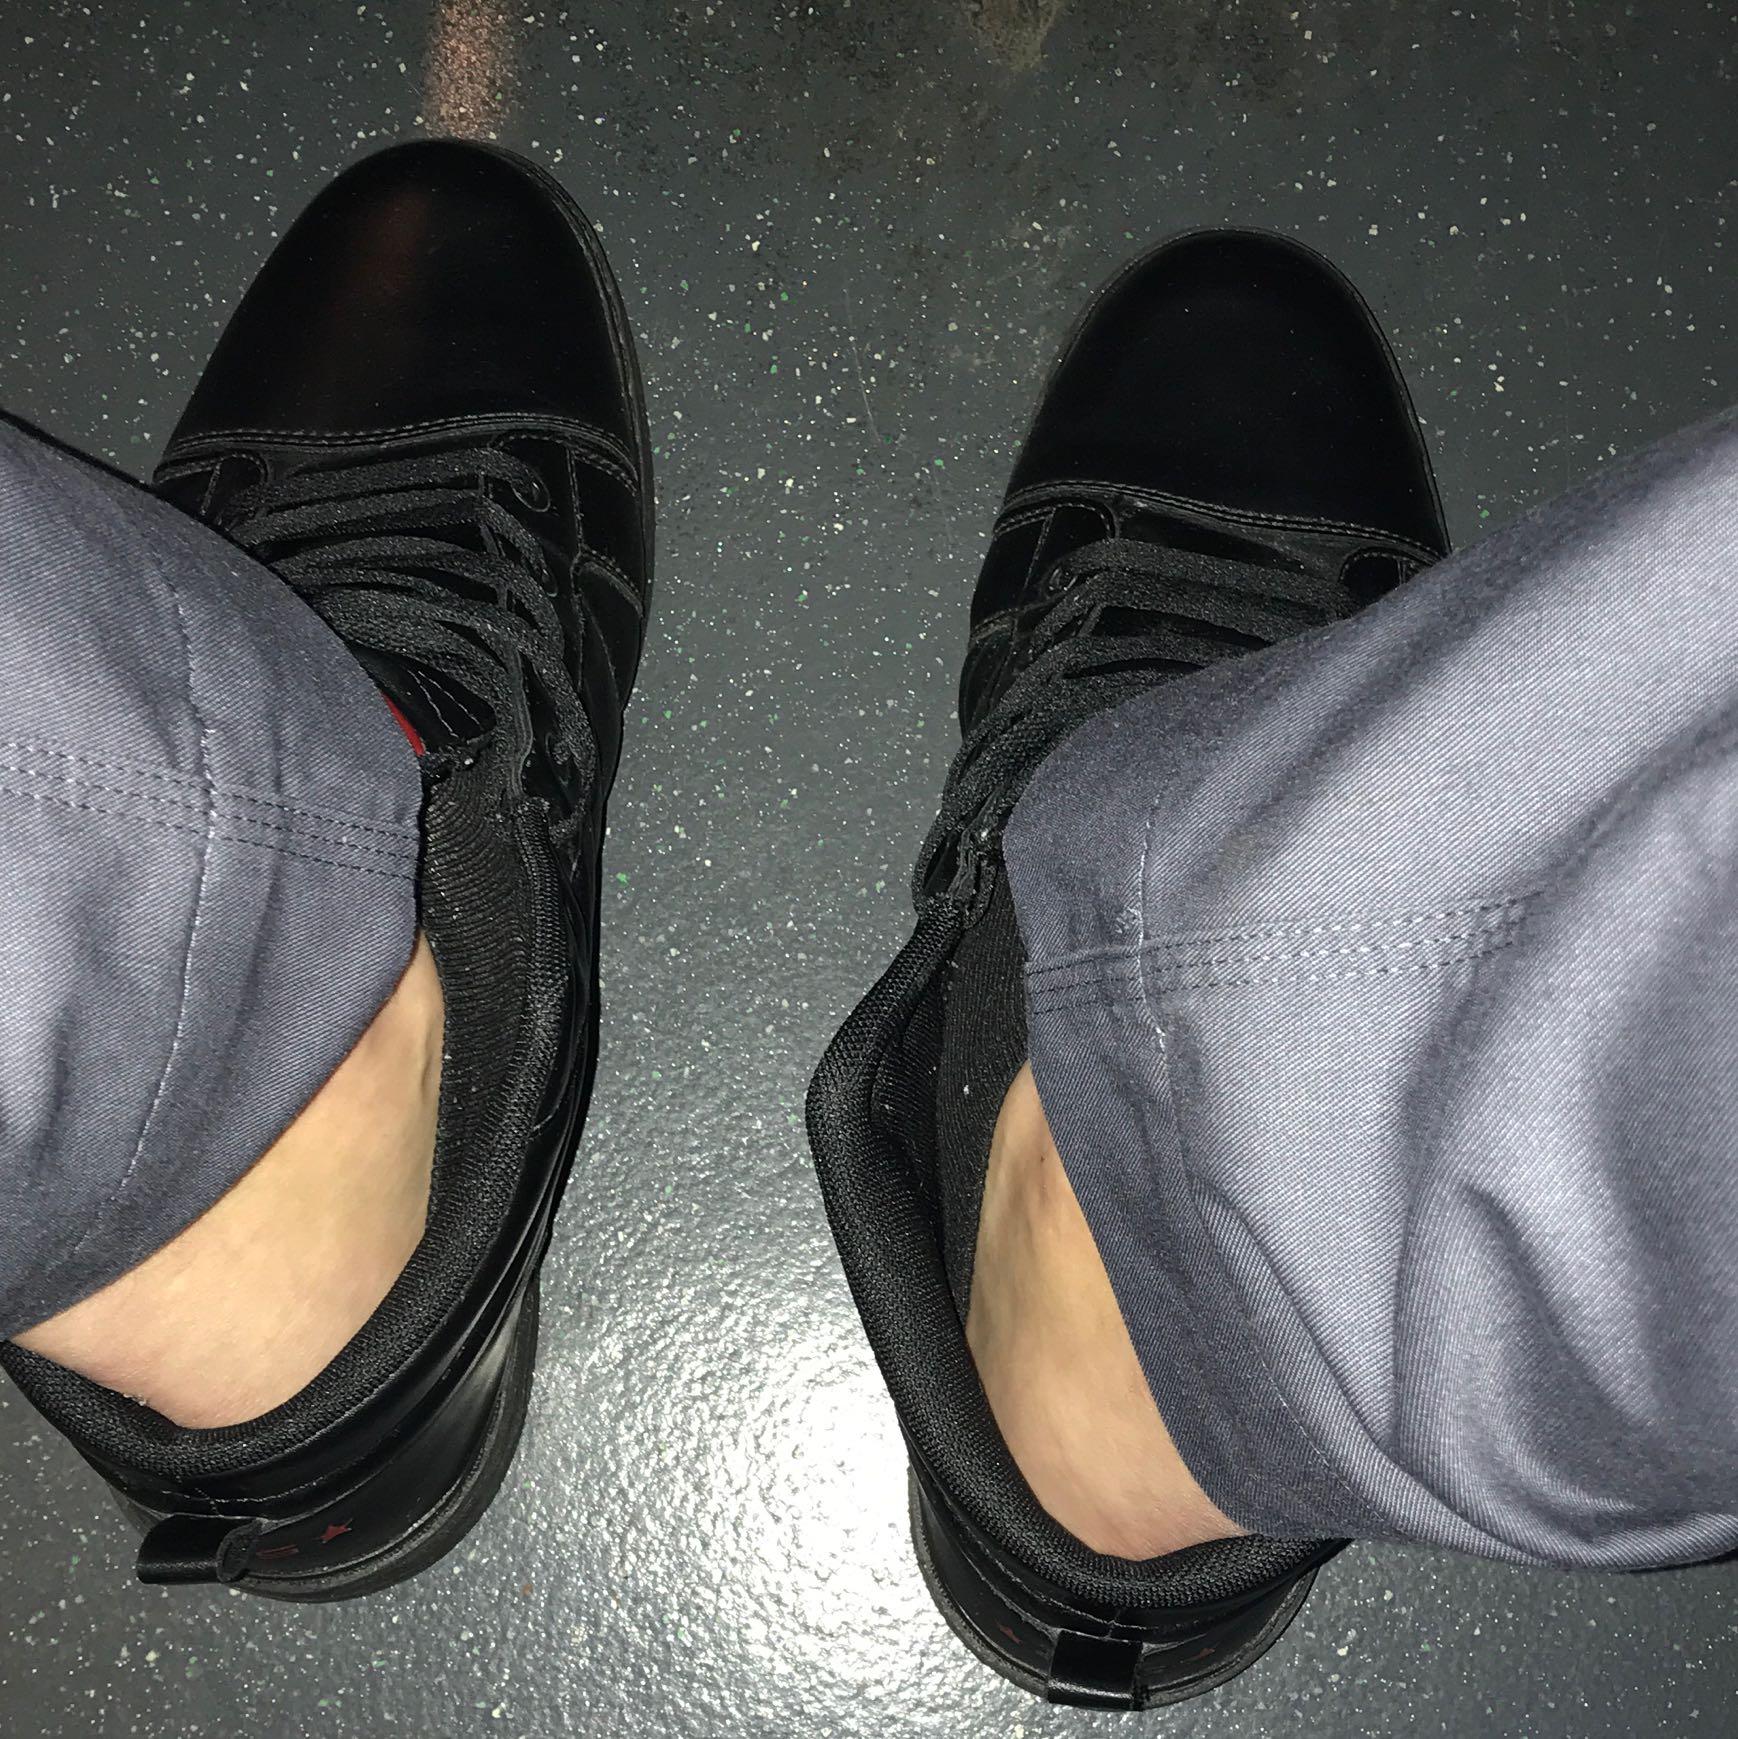 Diese Schuhe auch ohne Socken tragen? (Mode, Kleidung